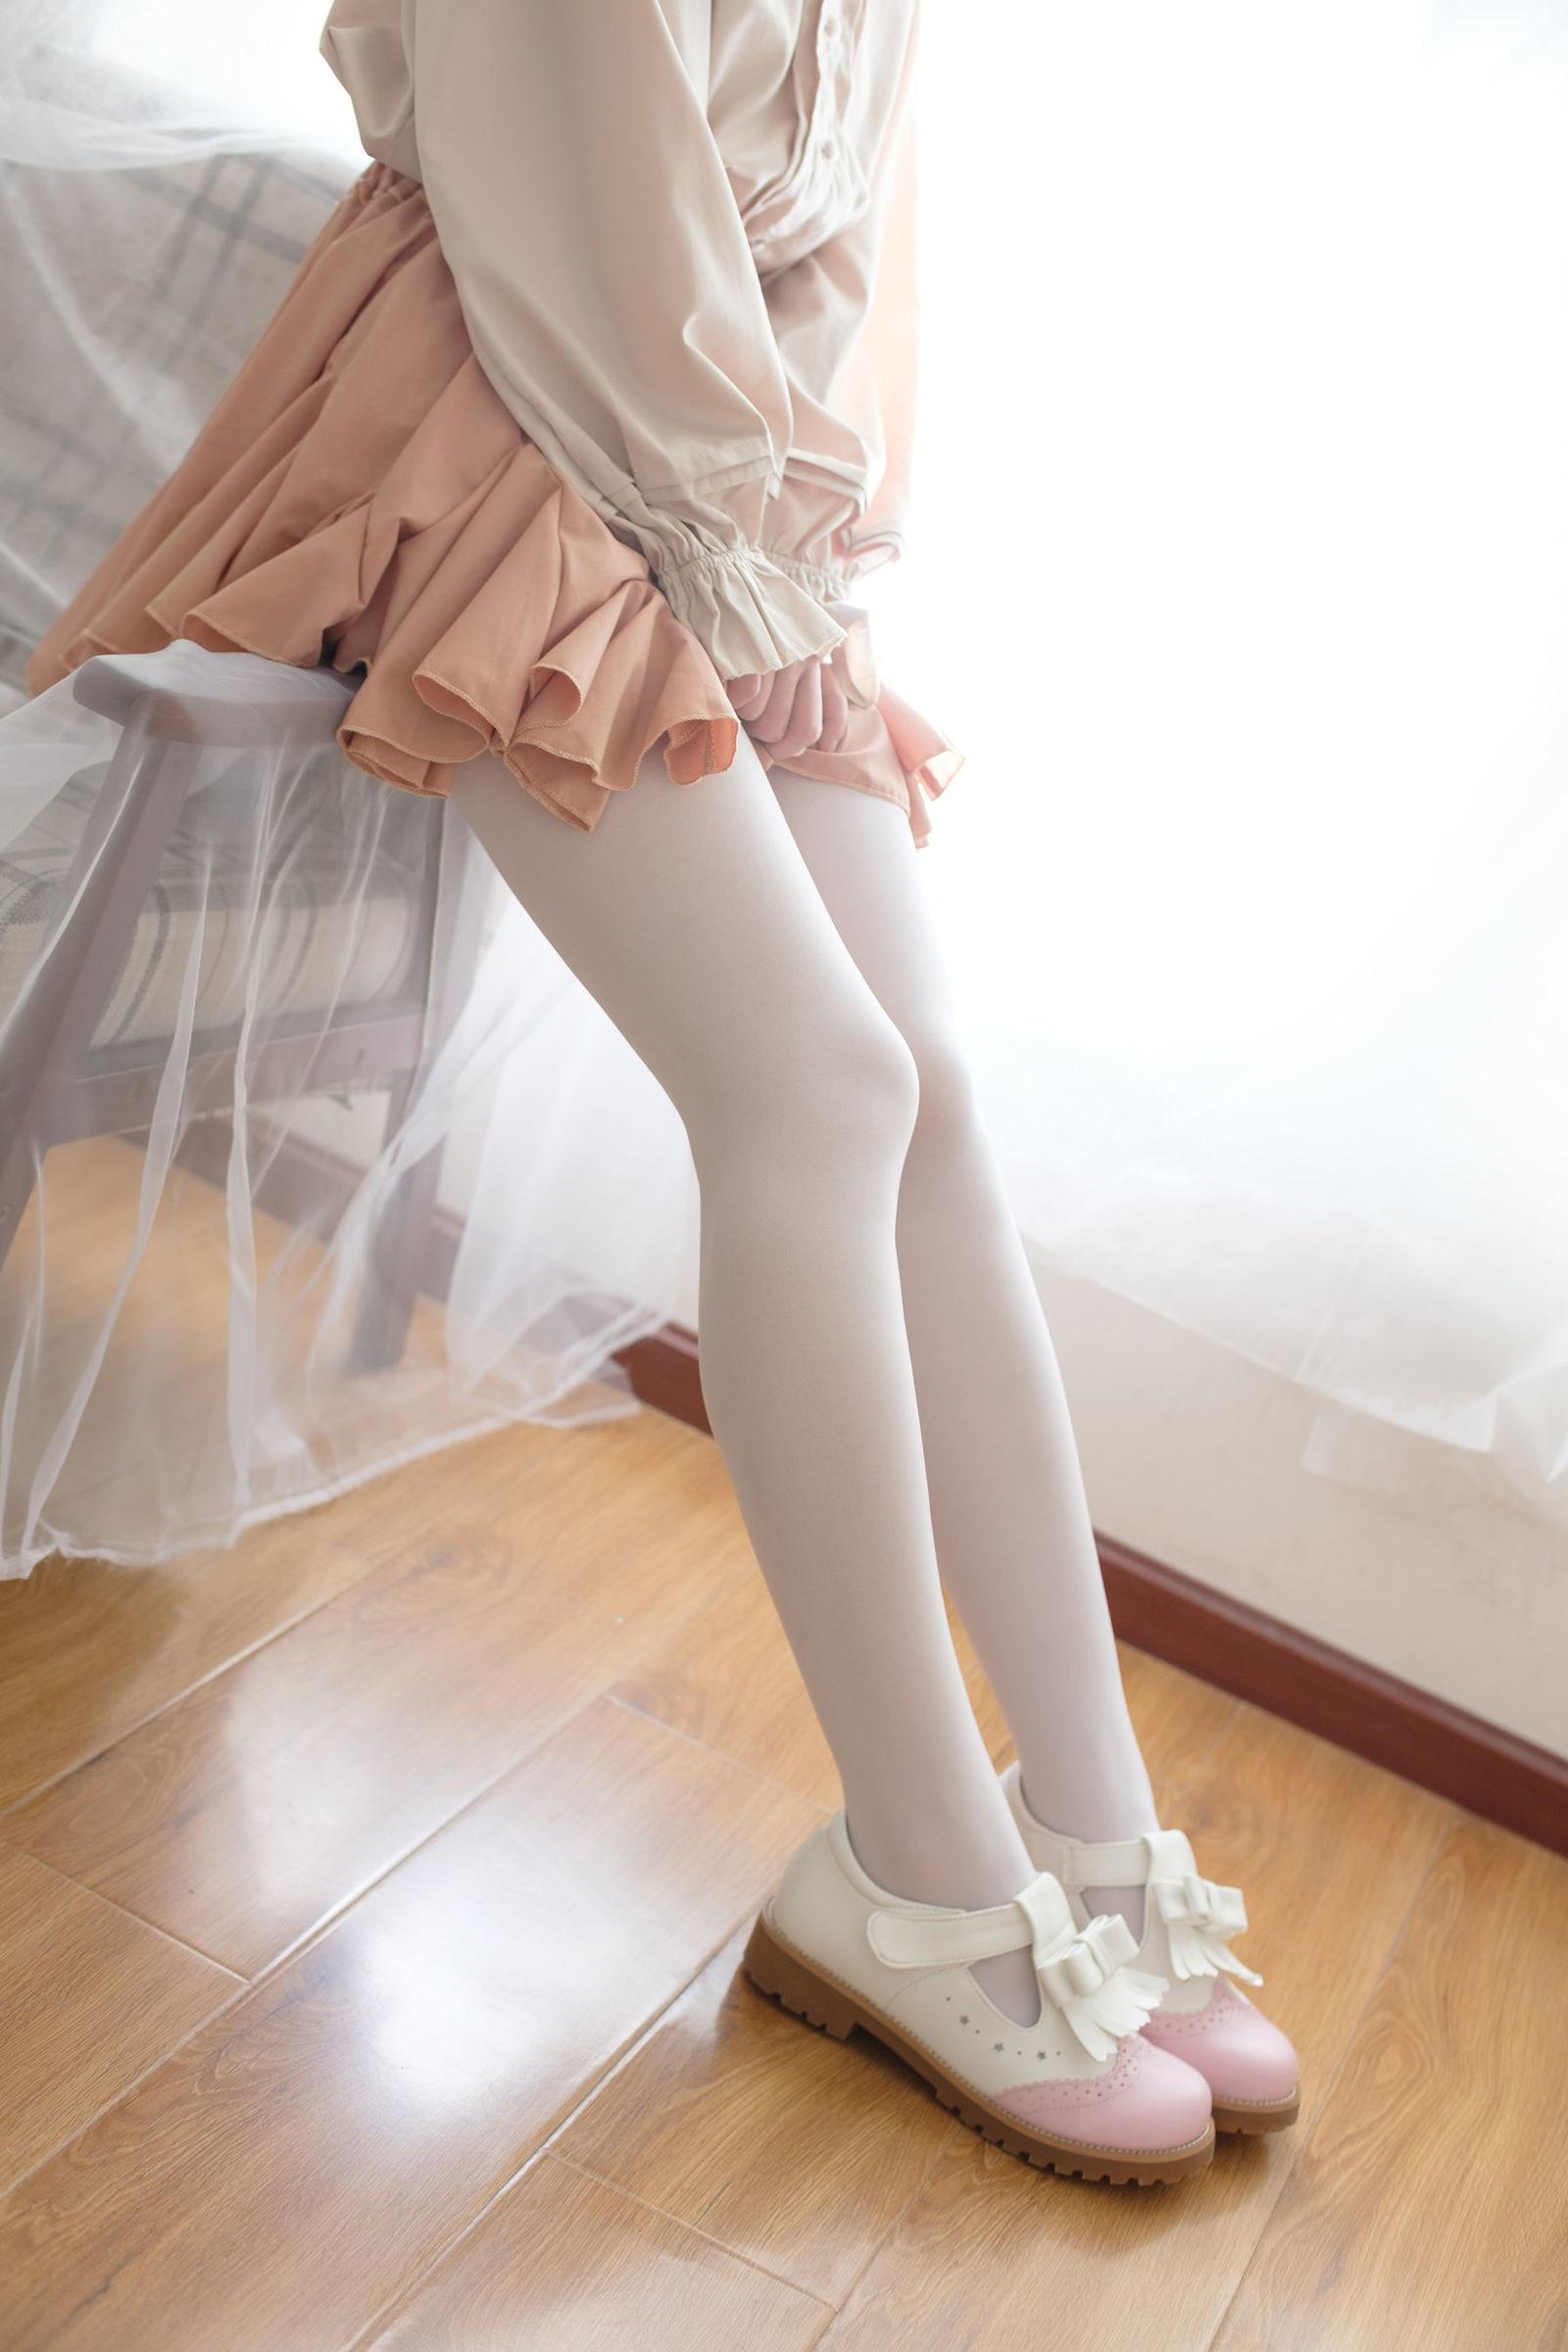 福利美图 萝莉白丝---丝袜写真-第10张图片-哔哔娱乐网